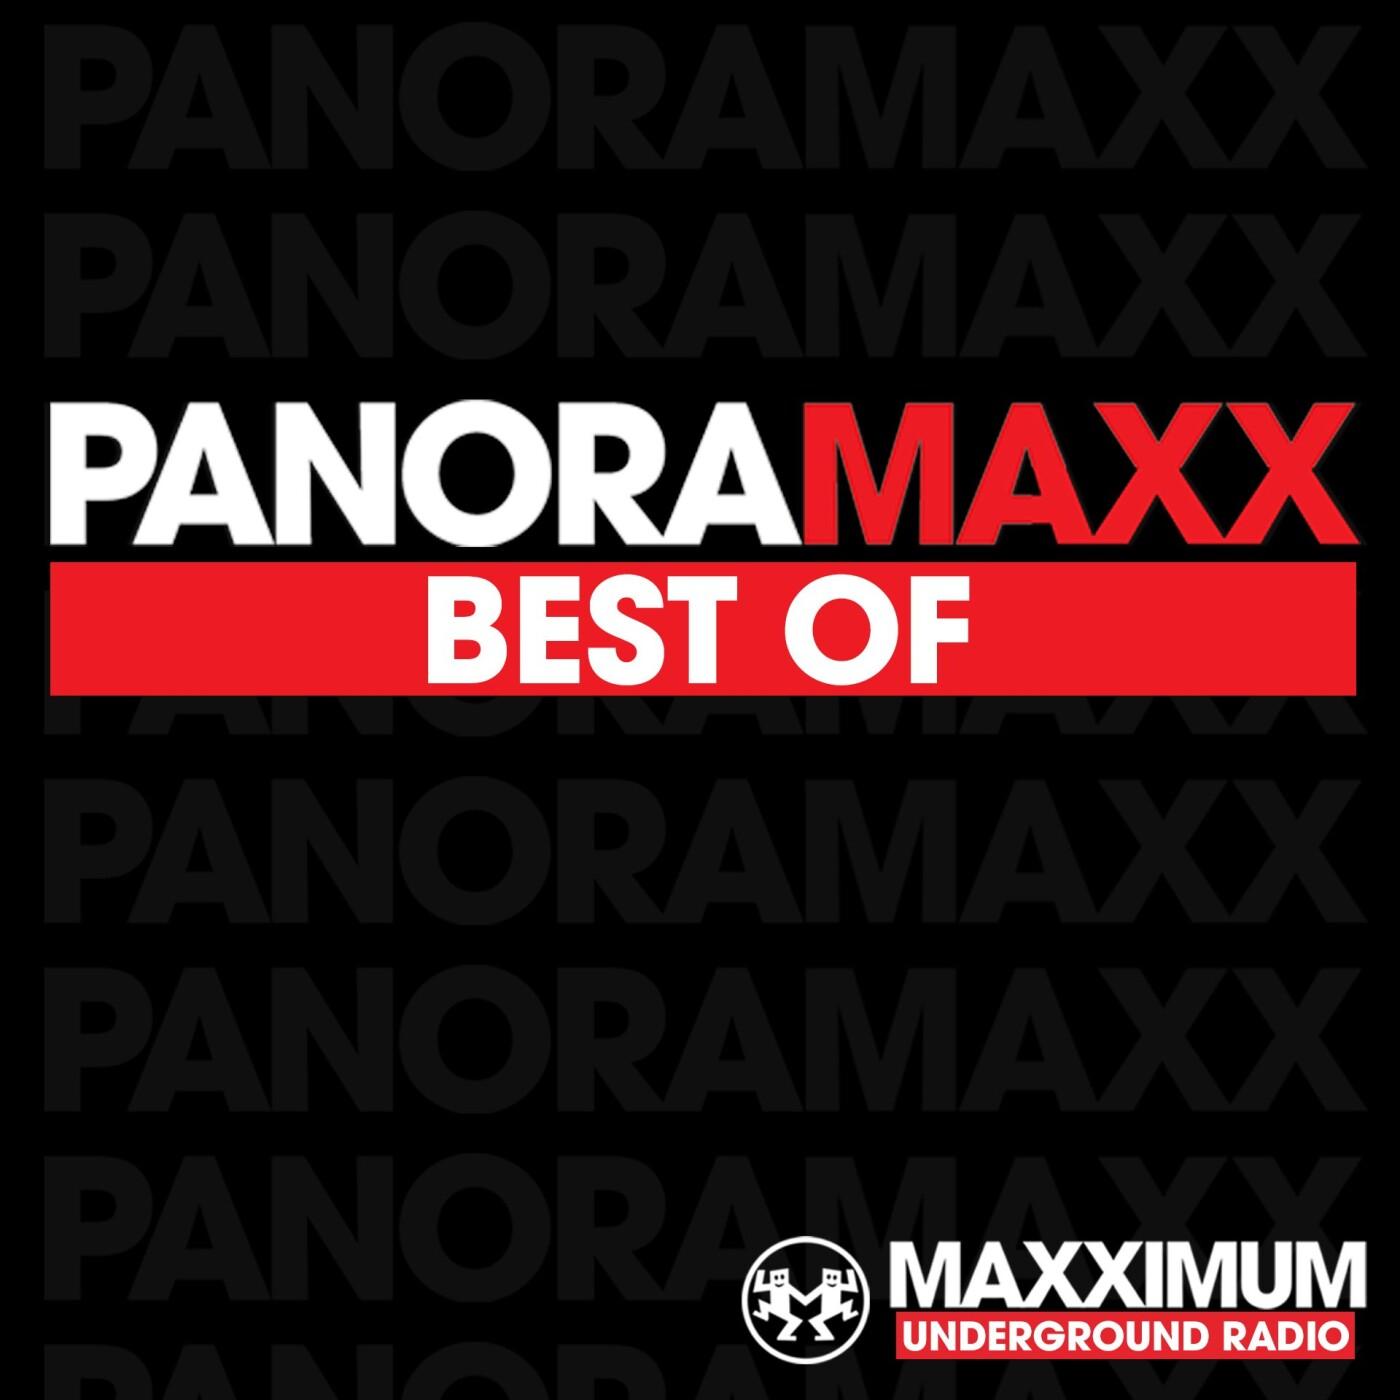 PANORAMAXX BEST OF : ADIBU